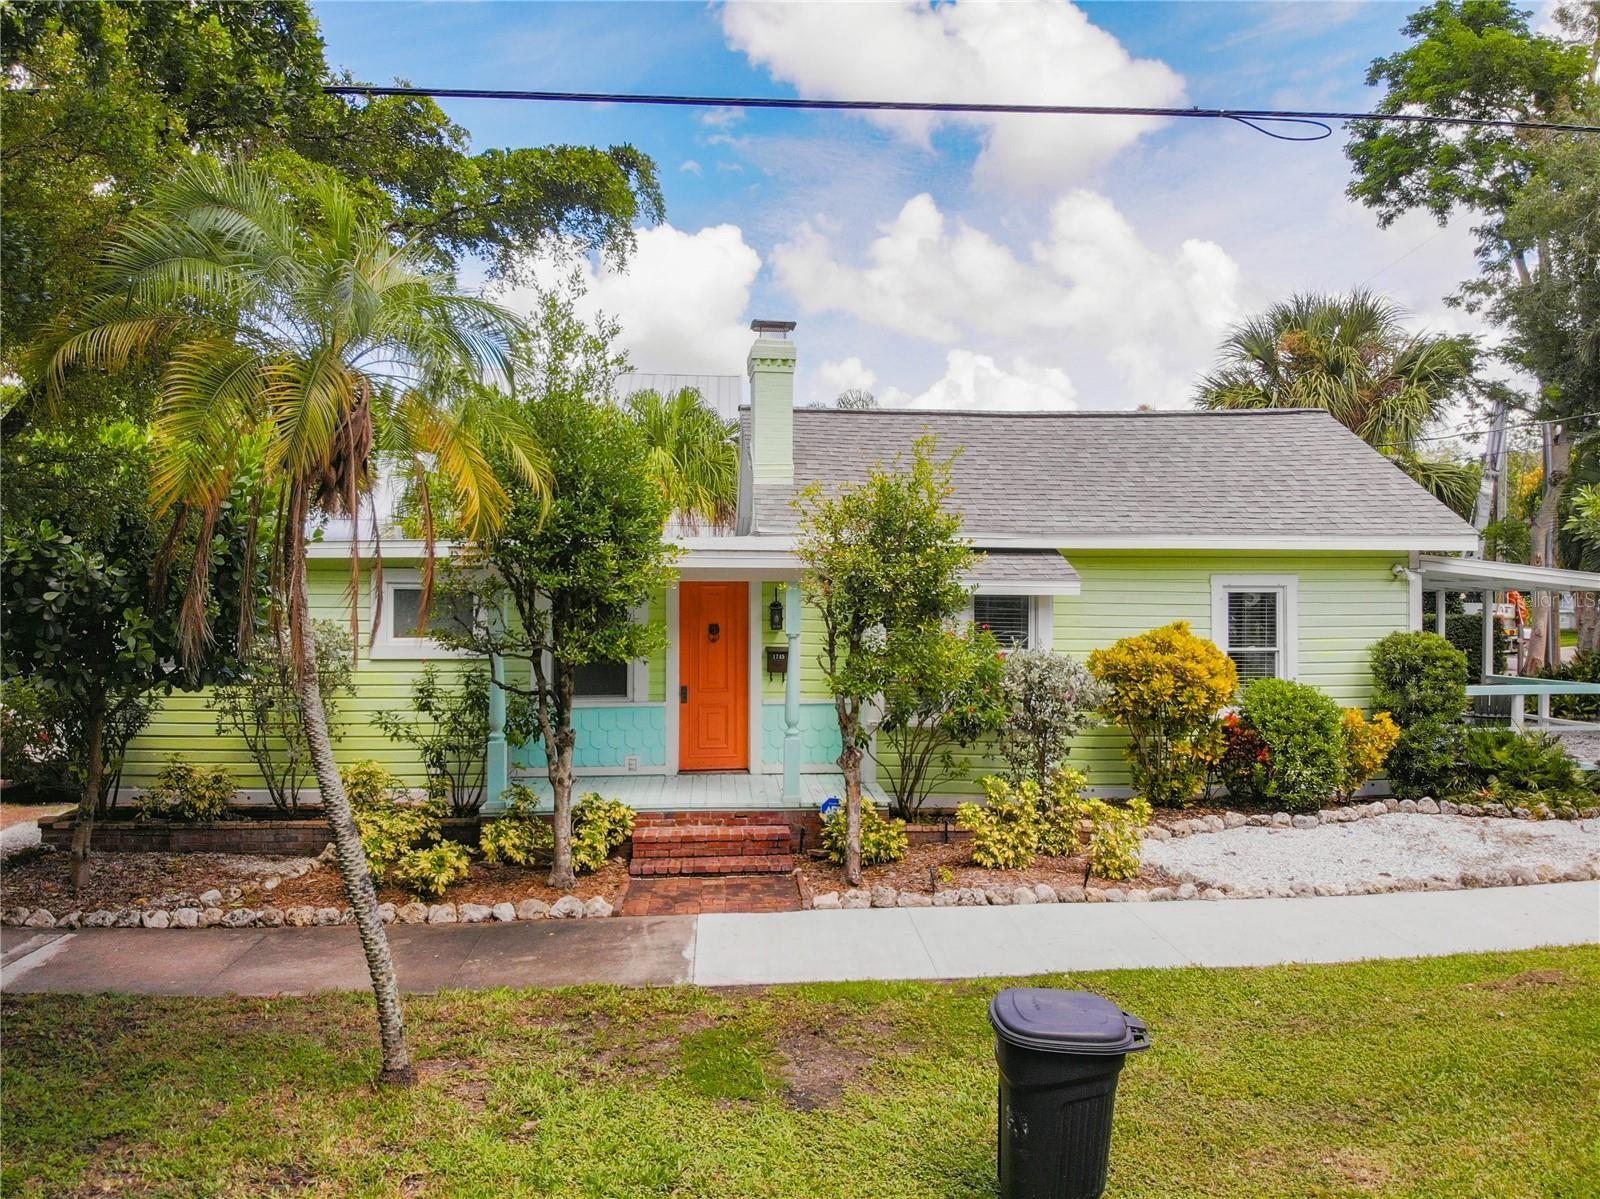 Photo of 1745 OAK STREET, SARASOTA, FL 34236 (MLS # T3329743)